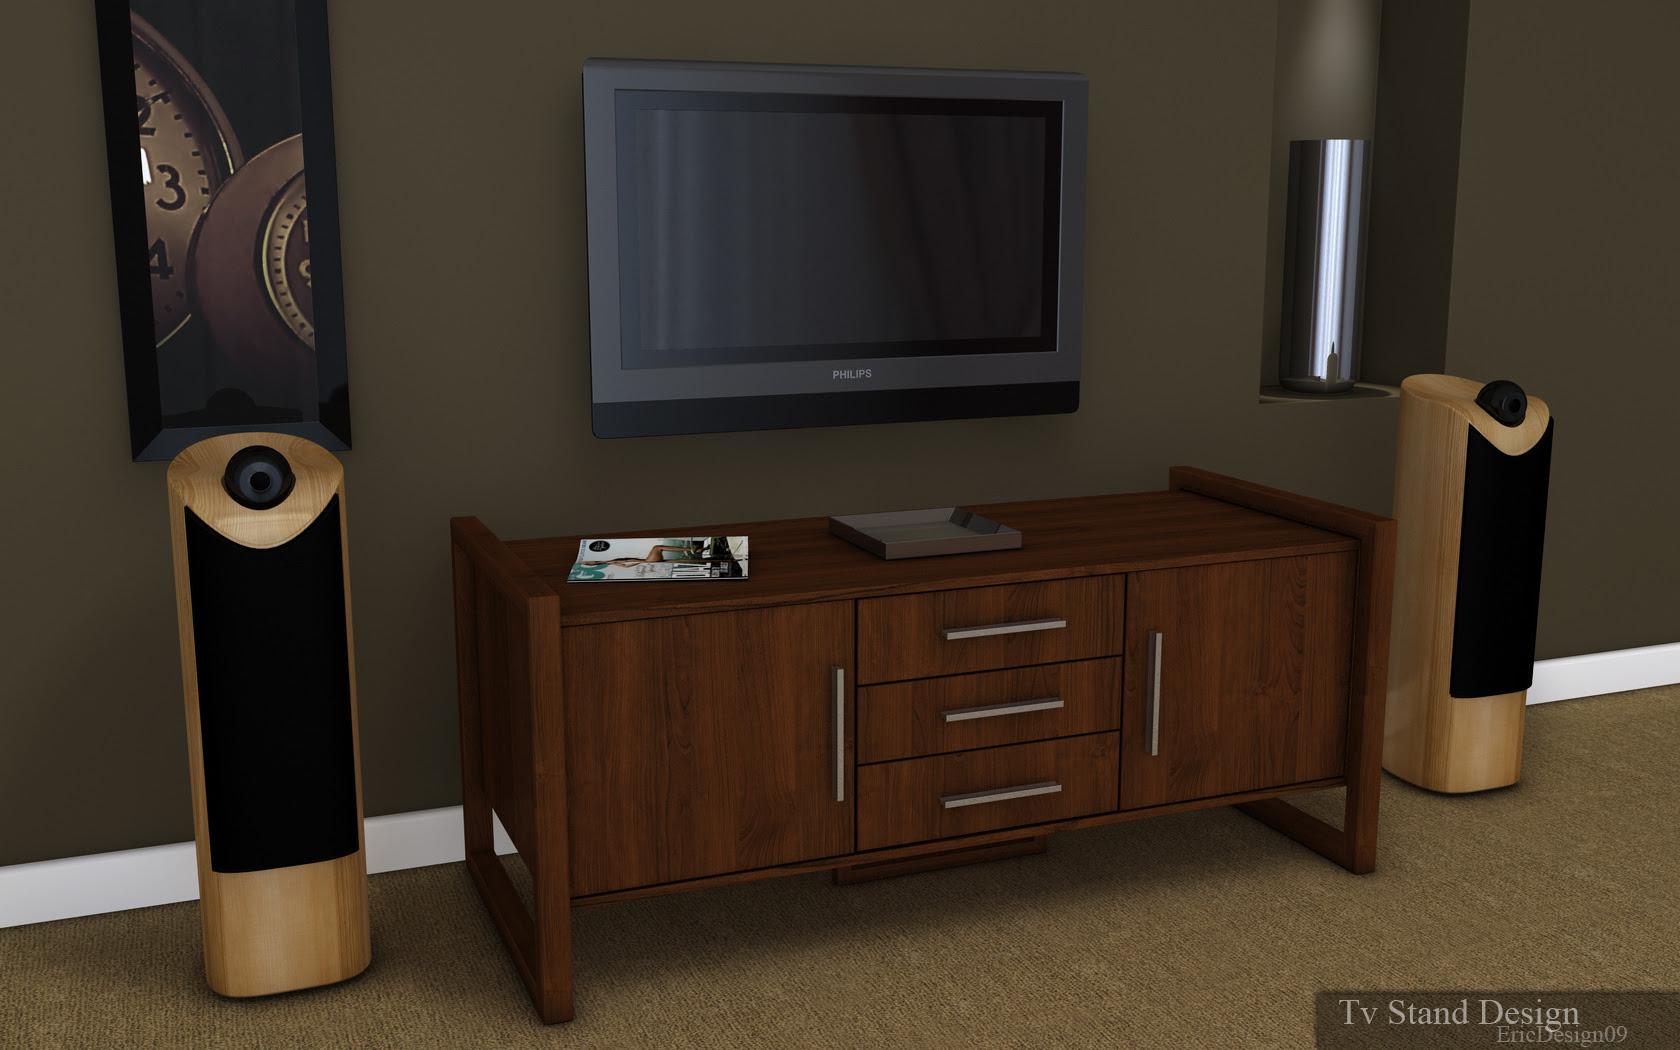 Tv stand design by 3DEricDesign on deviantART